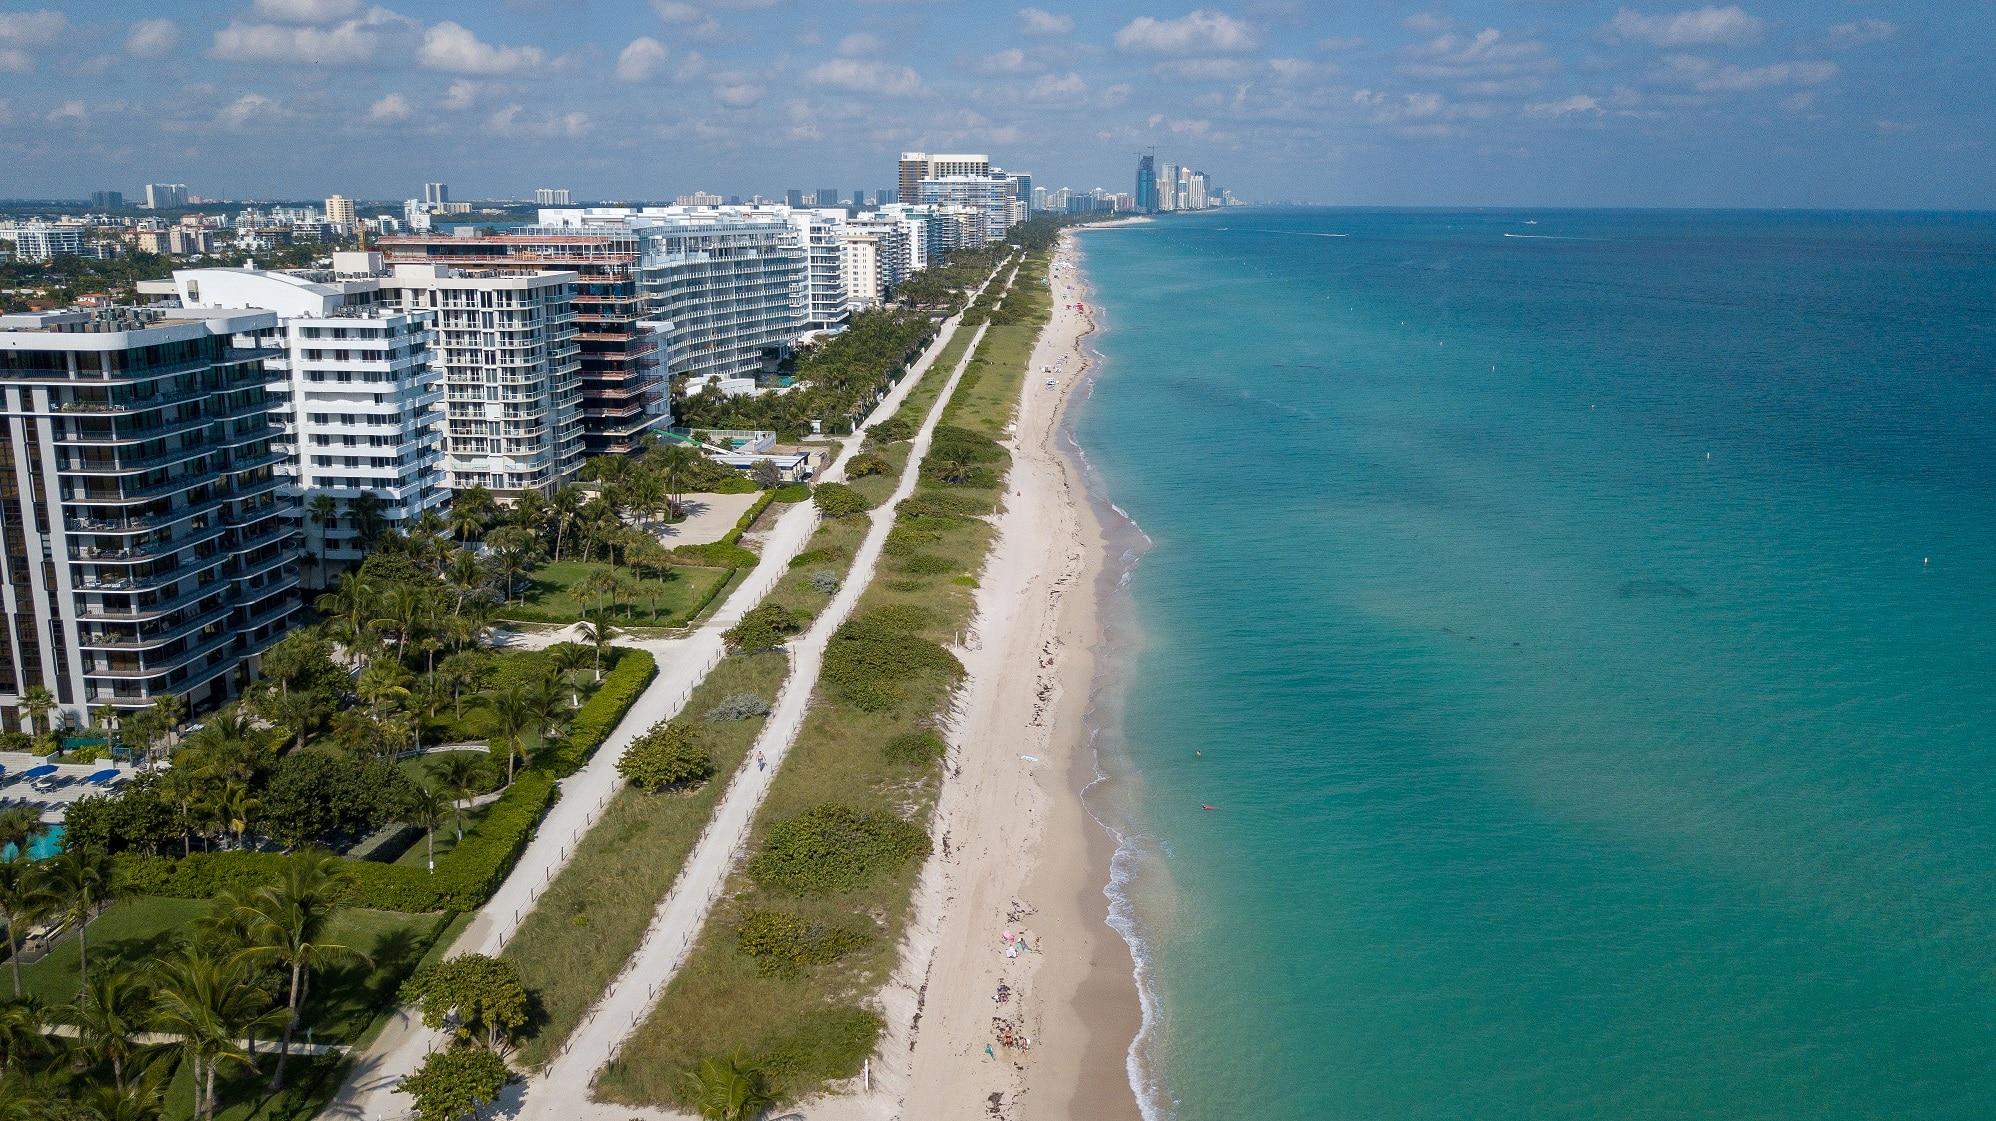 Surfside .Las 20 ciudades más ricas de Florida 2021